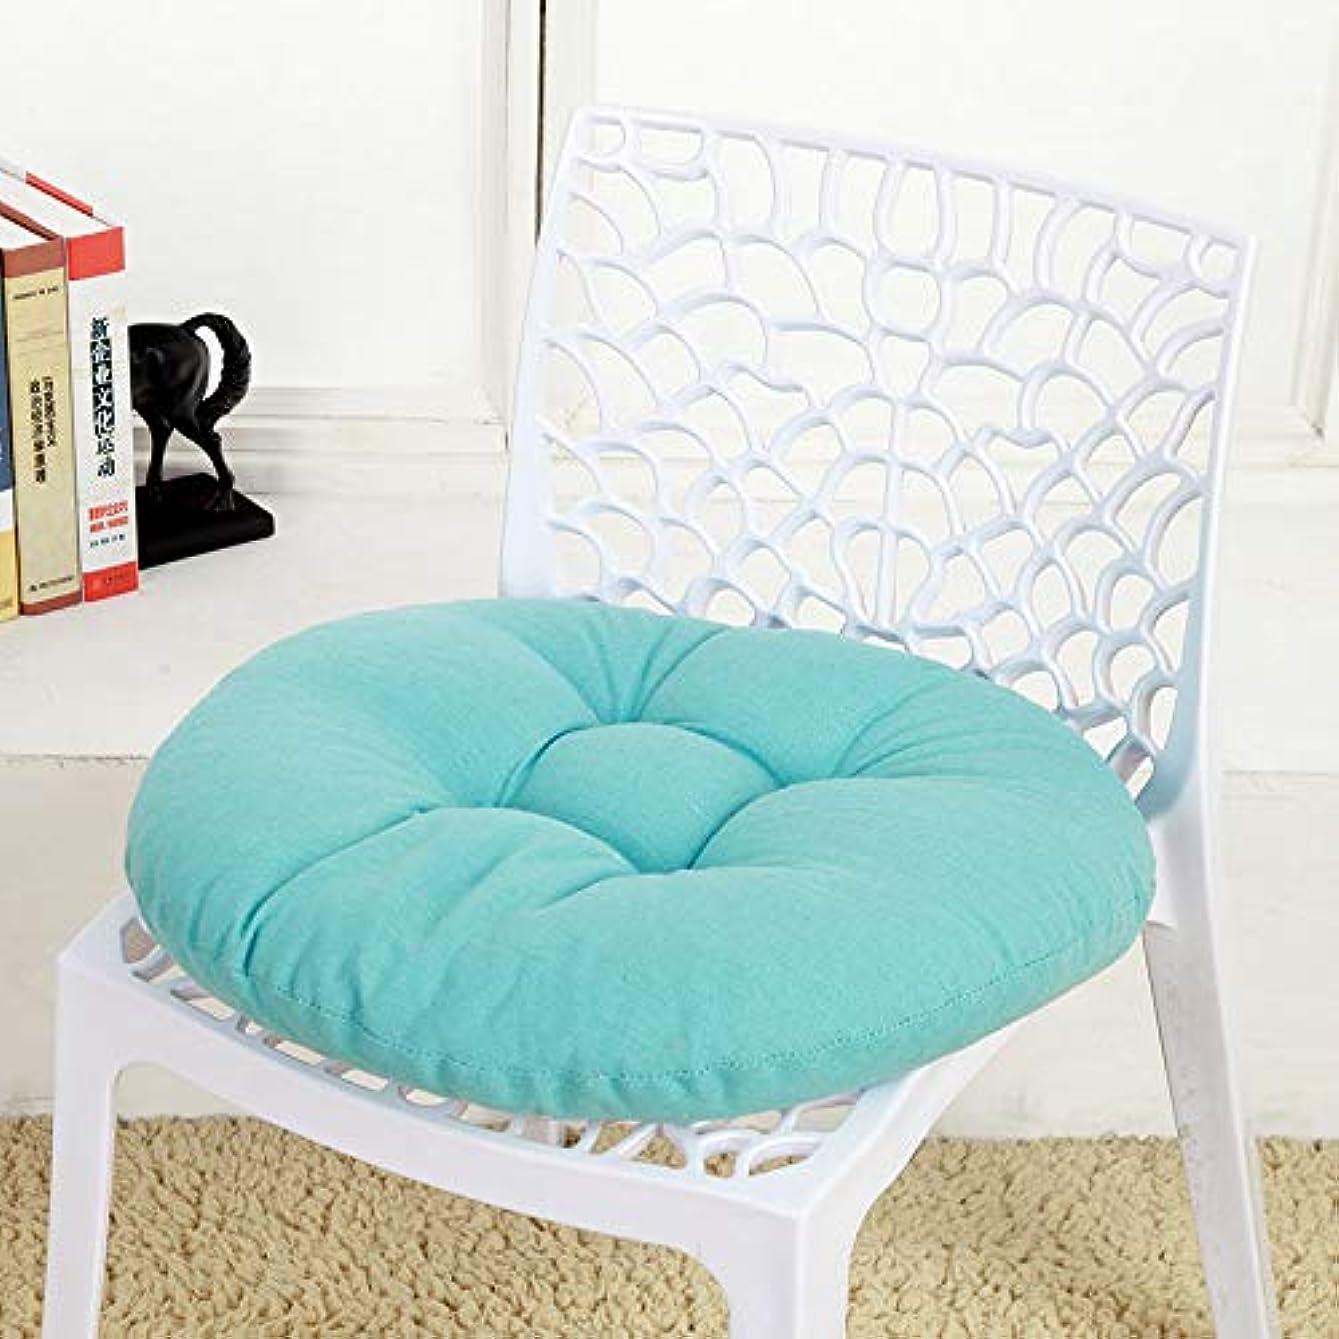 見積りレバーファンブルSMART キャンディカラーのクッションラウンドシートクッション波ウィンドウシートクッションクッション家の装飾パッドラウンド枕シート枕椅子座る枕 クッション 椅子